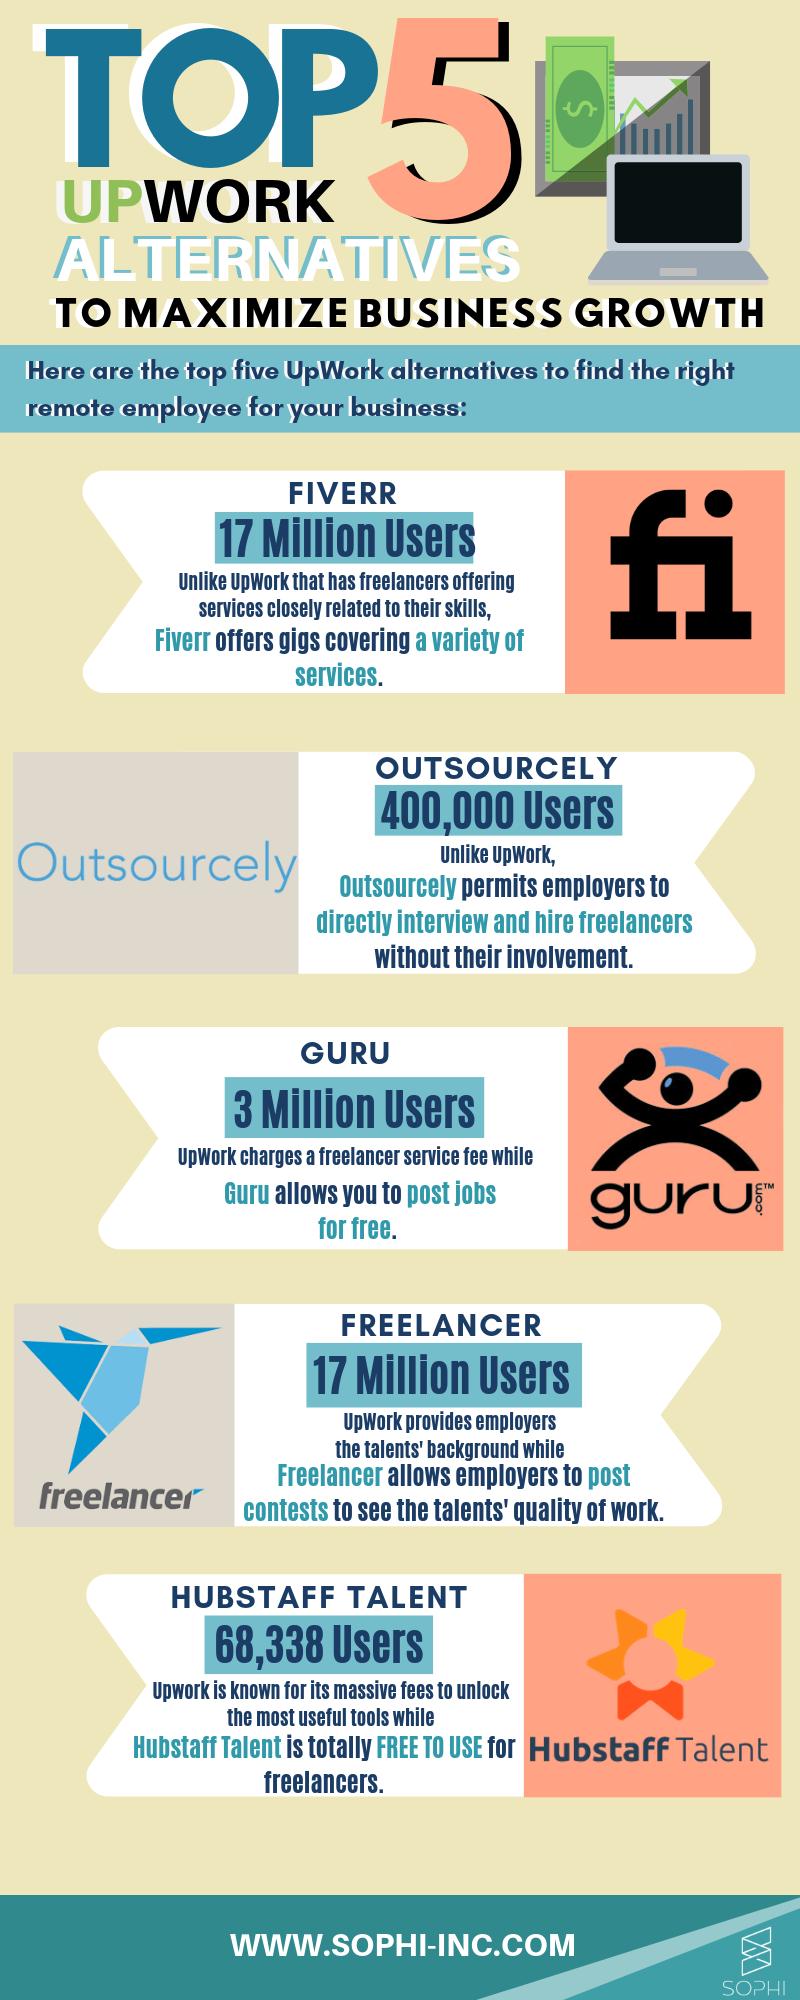 Top 5 Upwork Alternatives (3).png